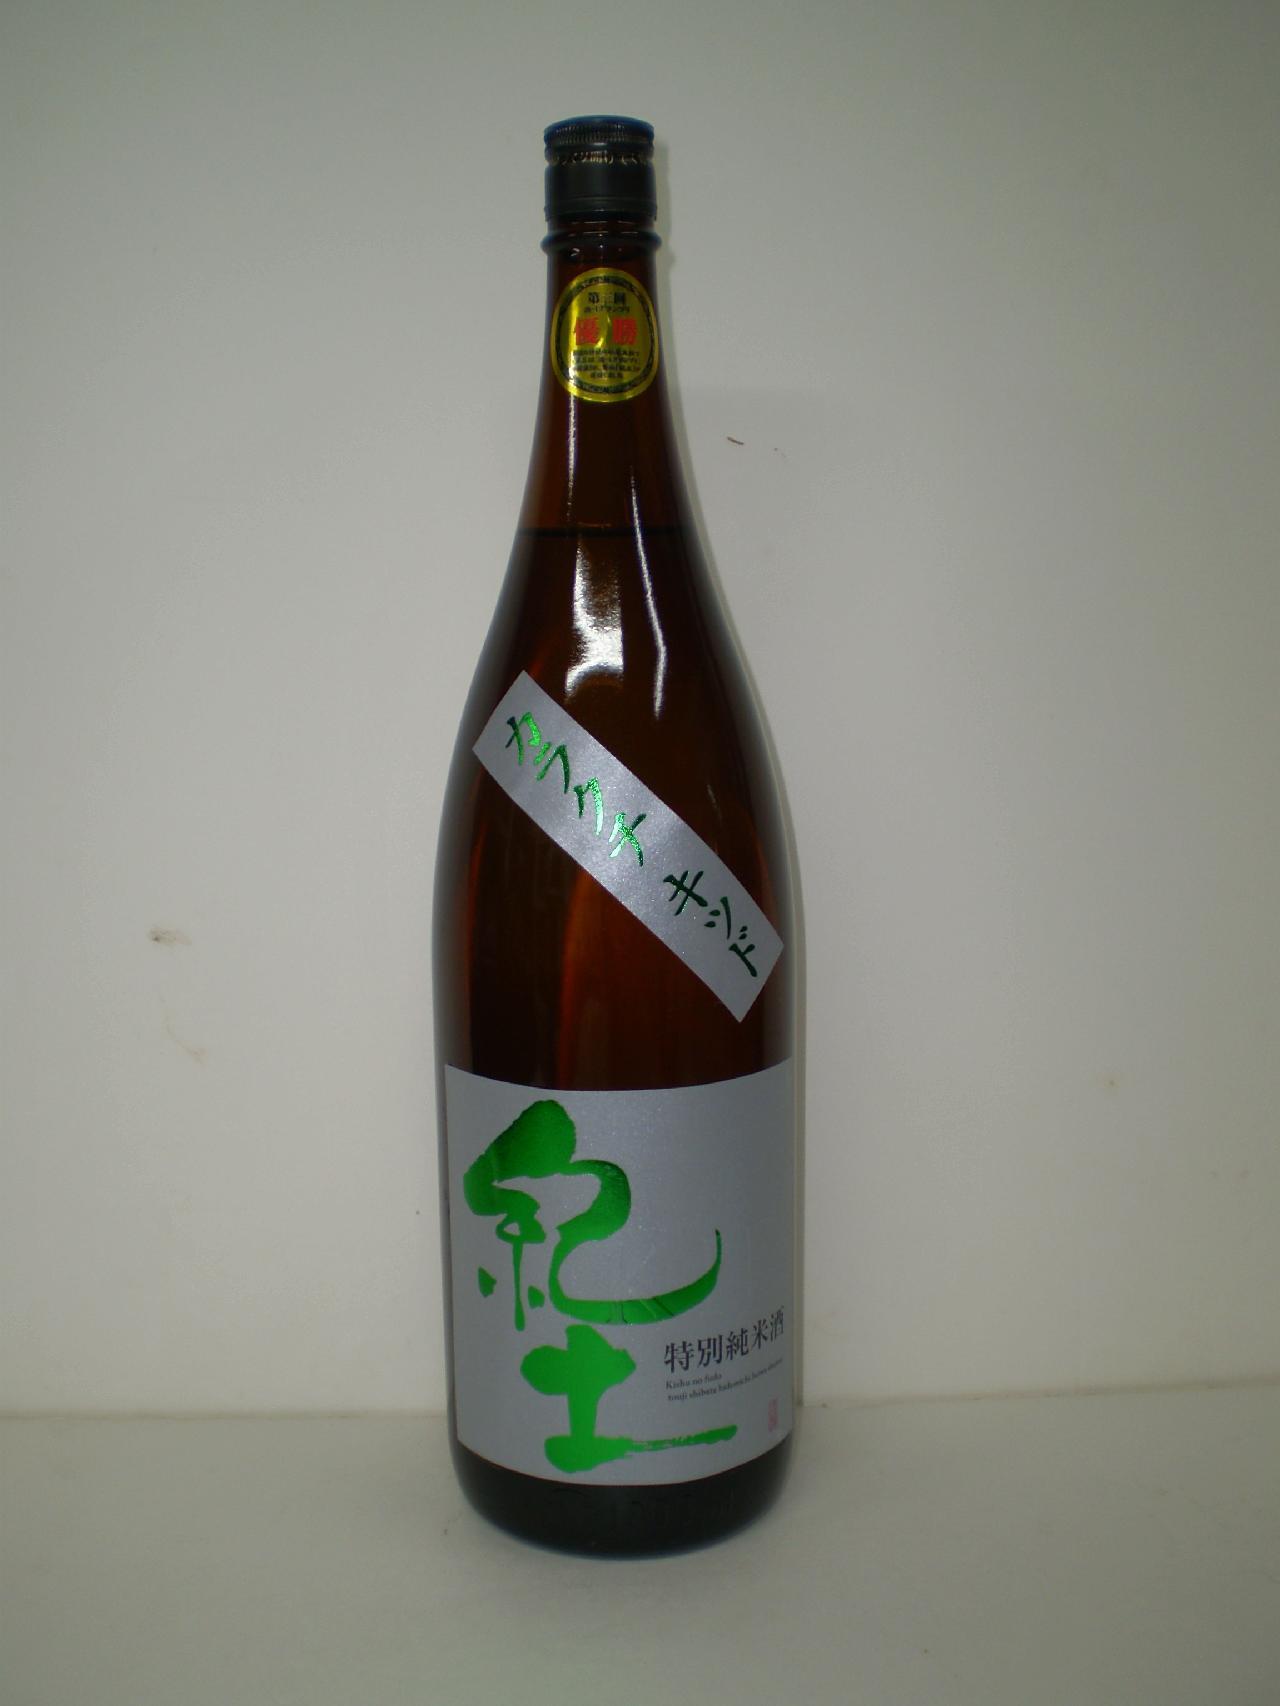 紀土 特別純米カラクチ 1800ml 平和酒造